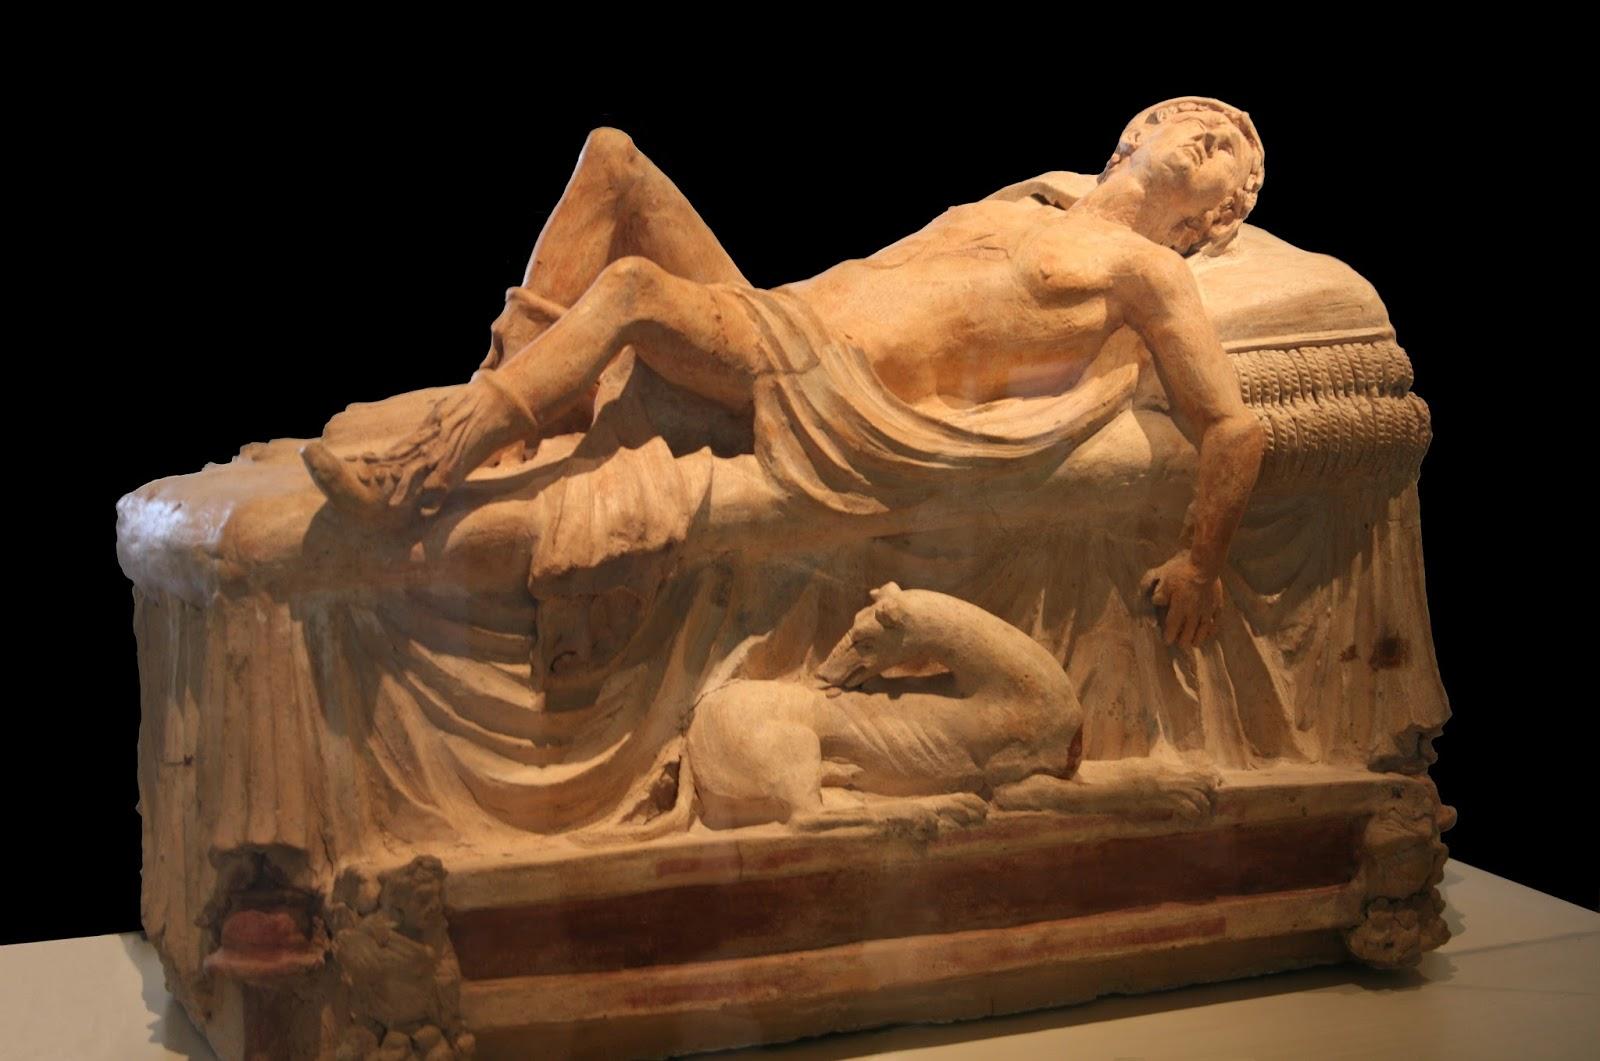 11. A Morte de Adónis. 250 a 100 ac. Museu Gregoriano Etrusco (Vaticano).